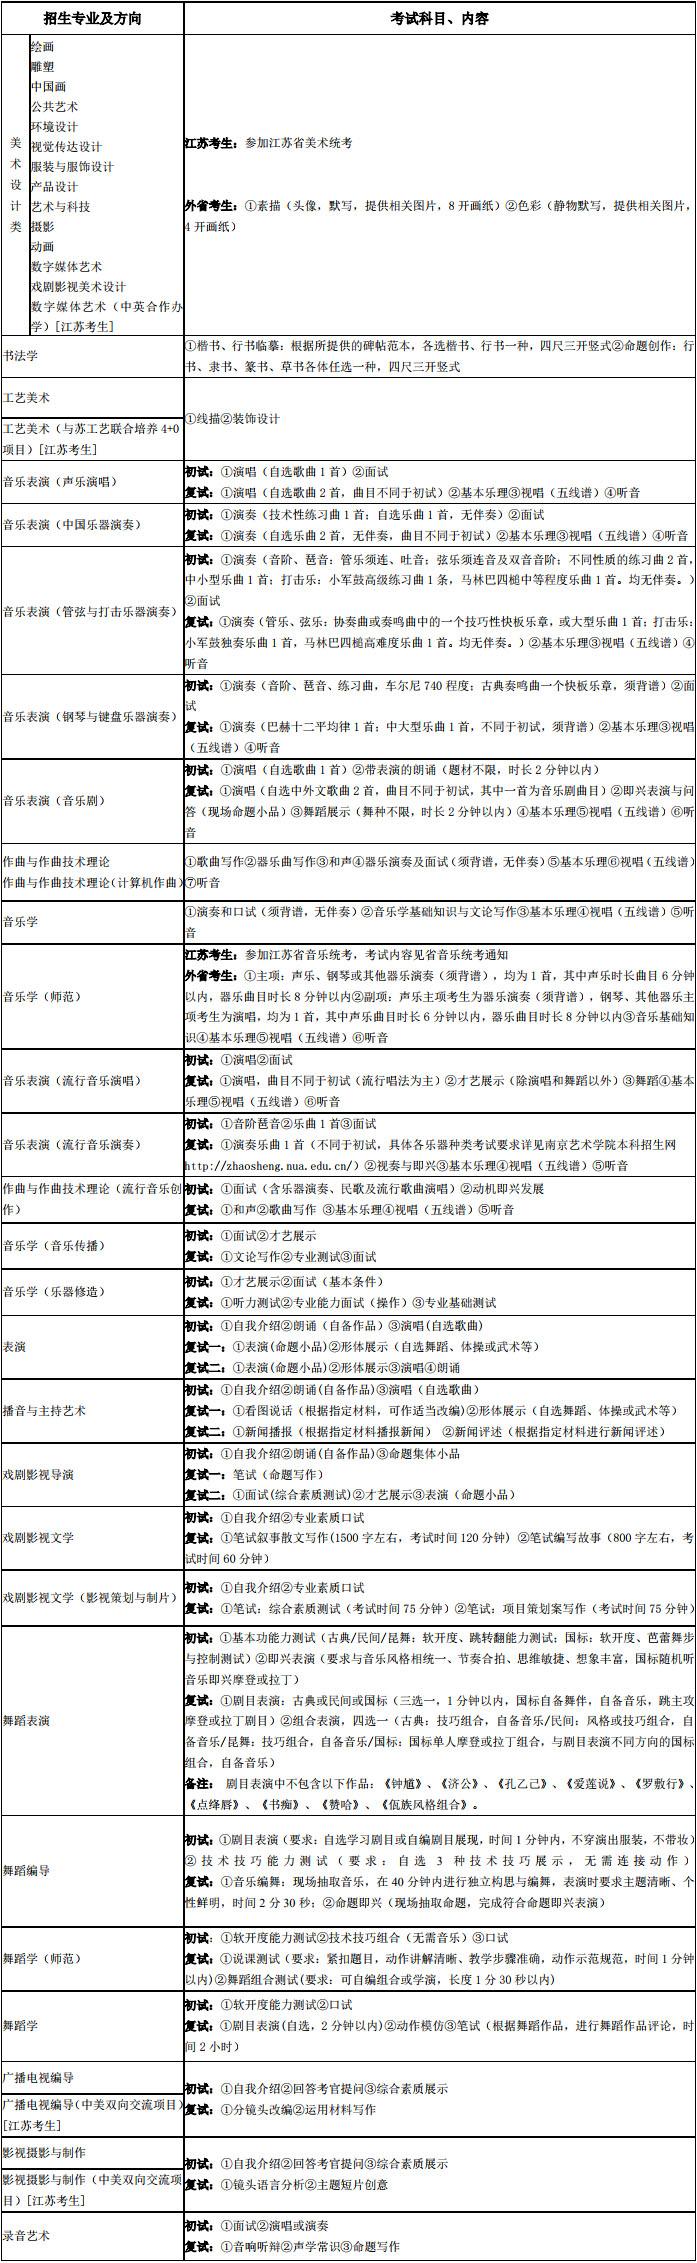 南京艺术学院2019年本科考试科目及内容